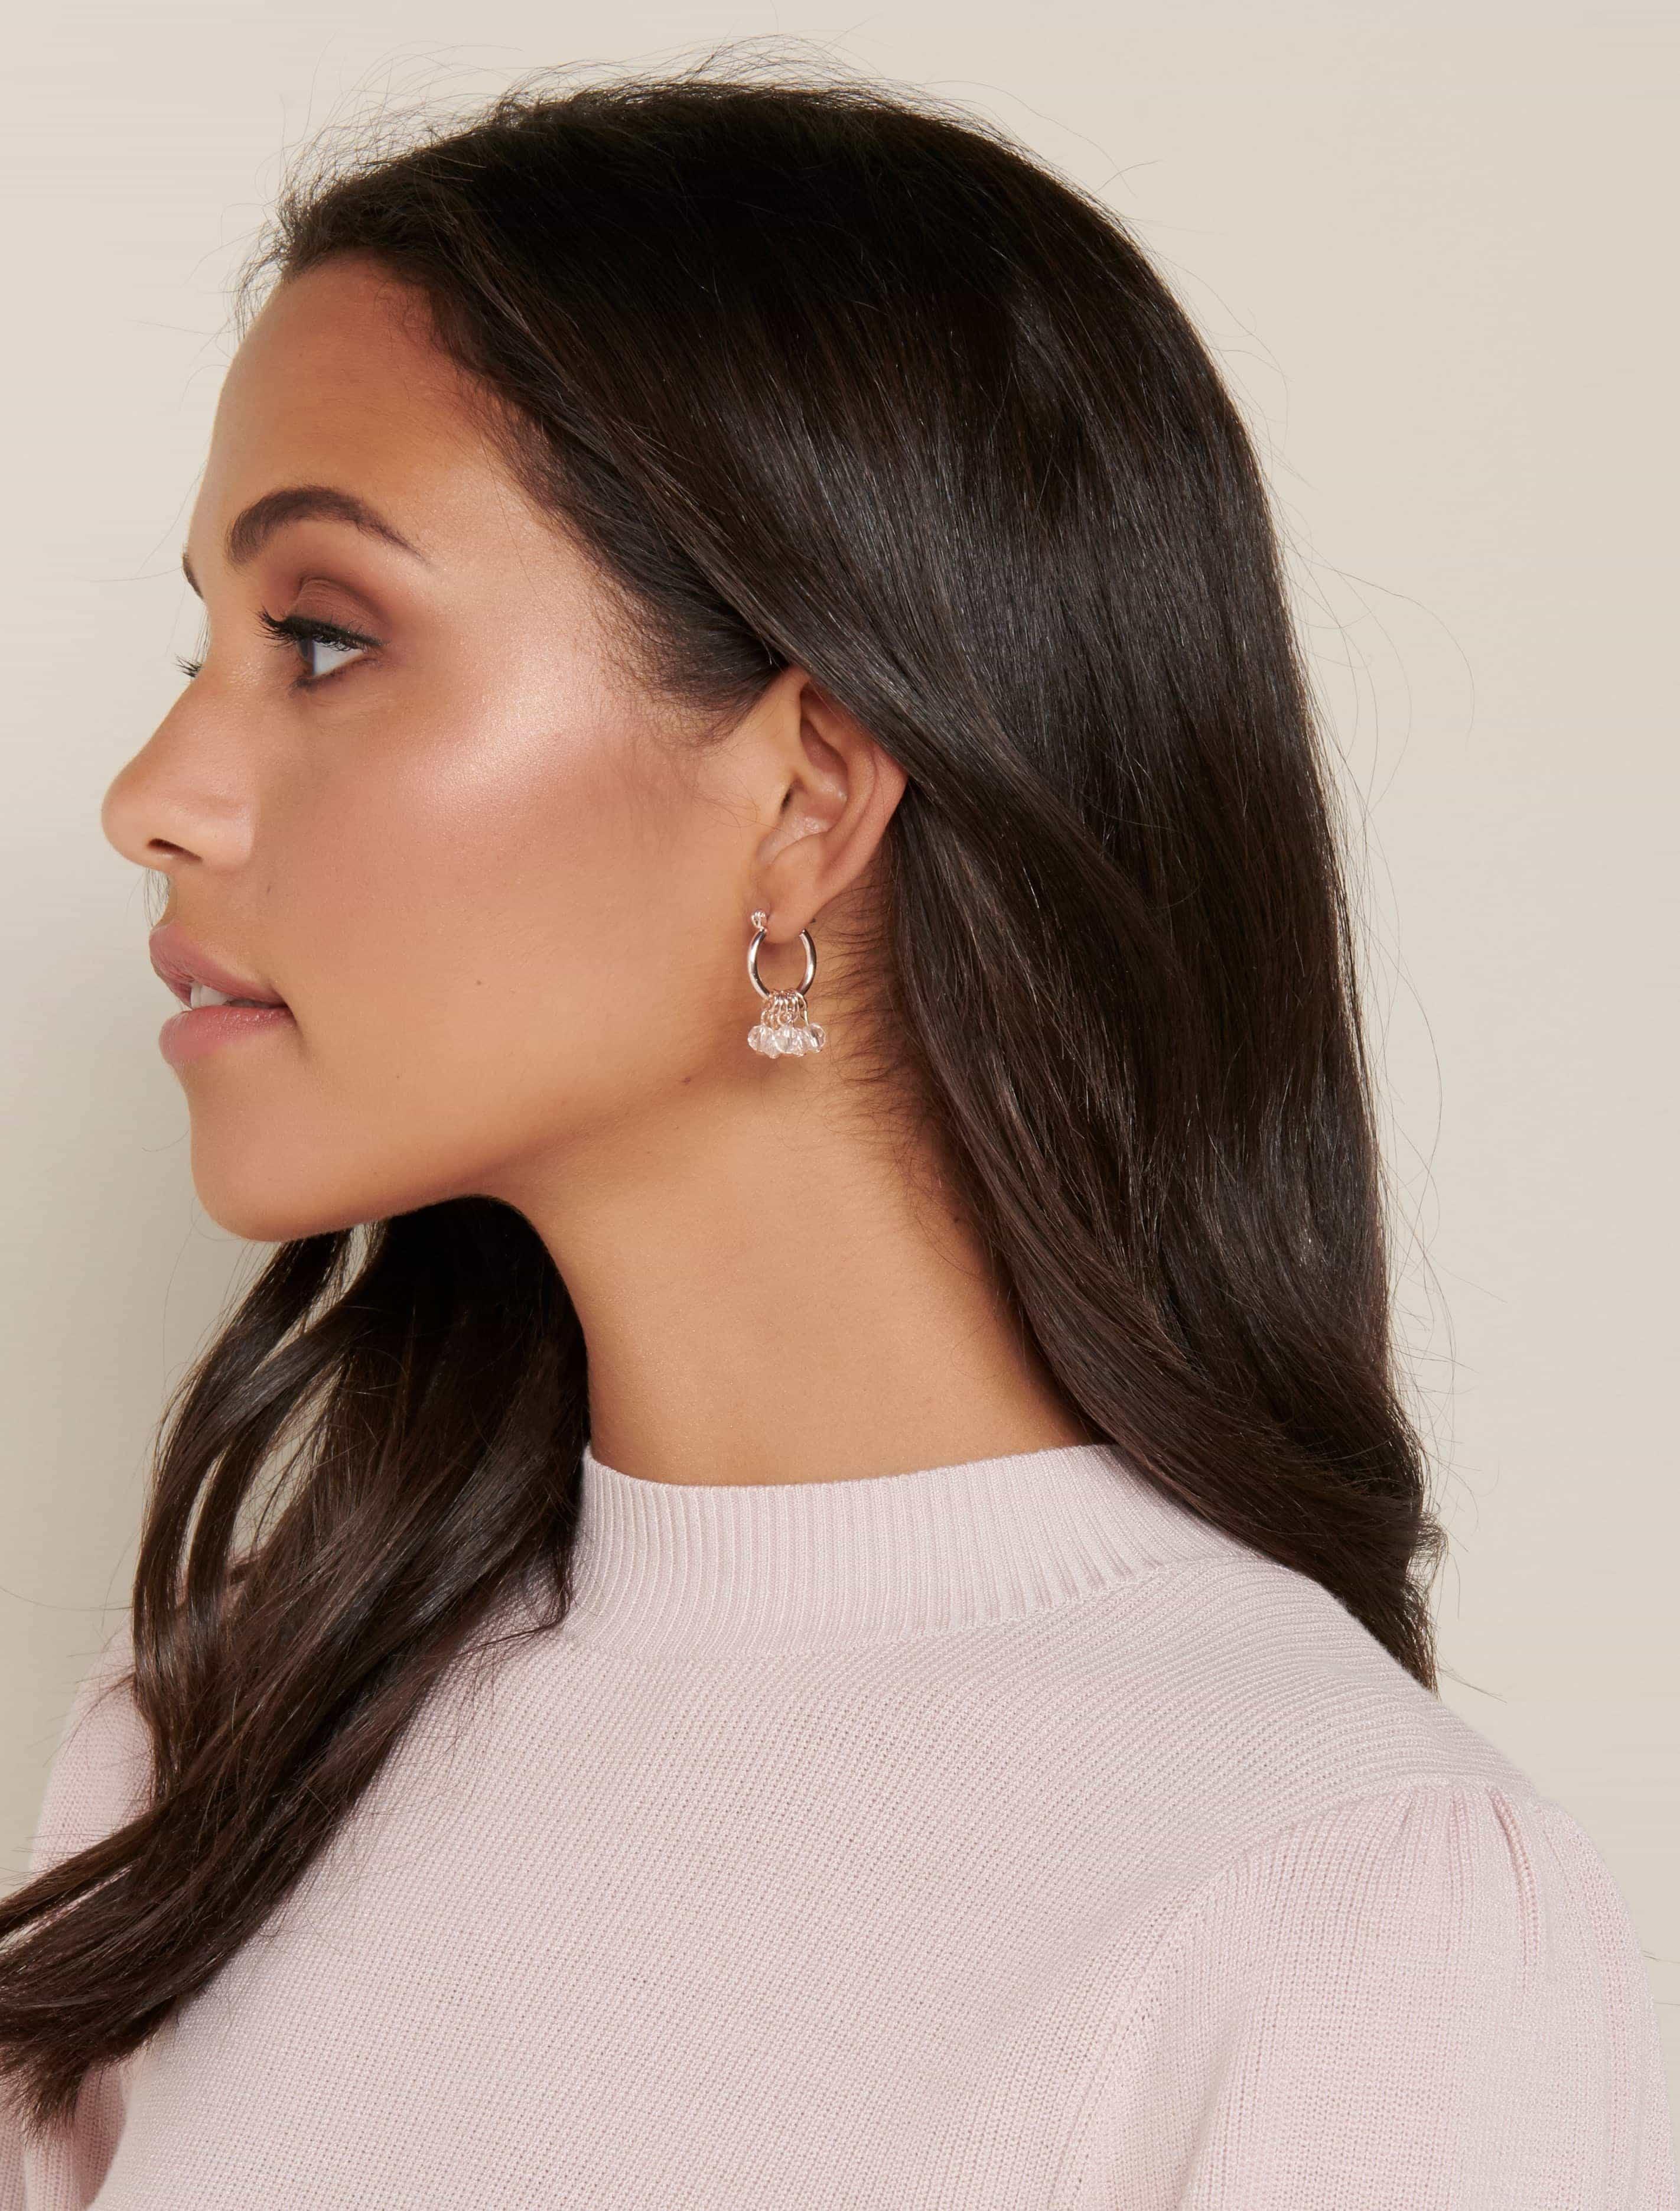 Ever New Pippa Bead Huggie Hoop Earrings - Rose Gold